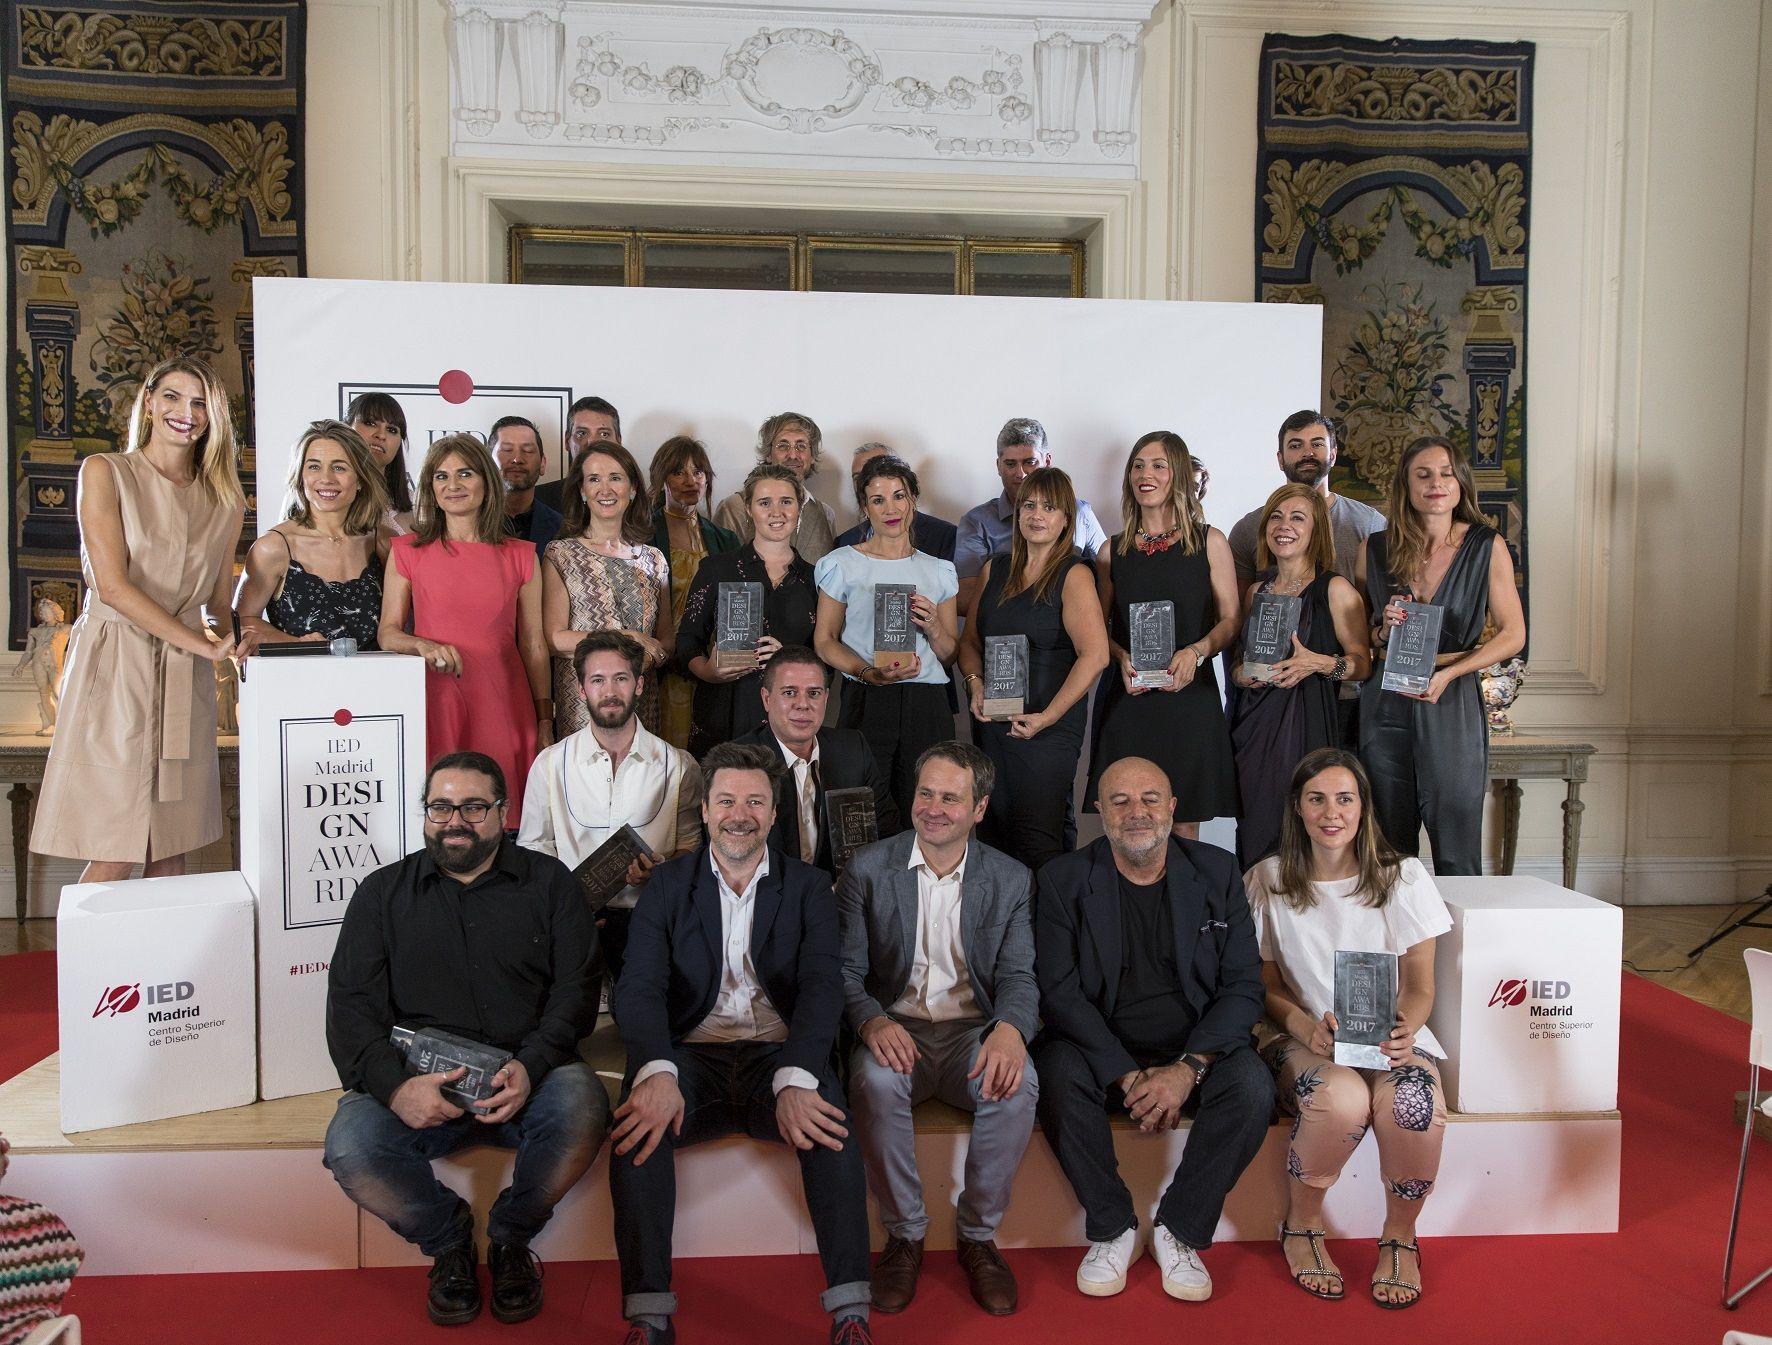 Fotografia Foto de grupo de los premiados en la gala IEDesignAwards